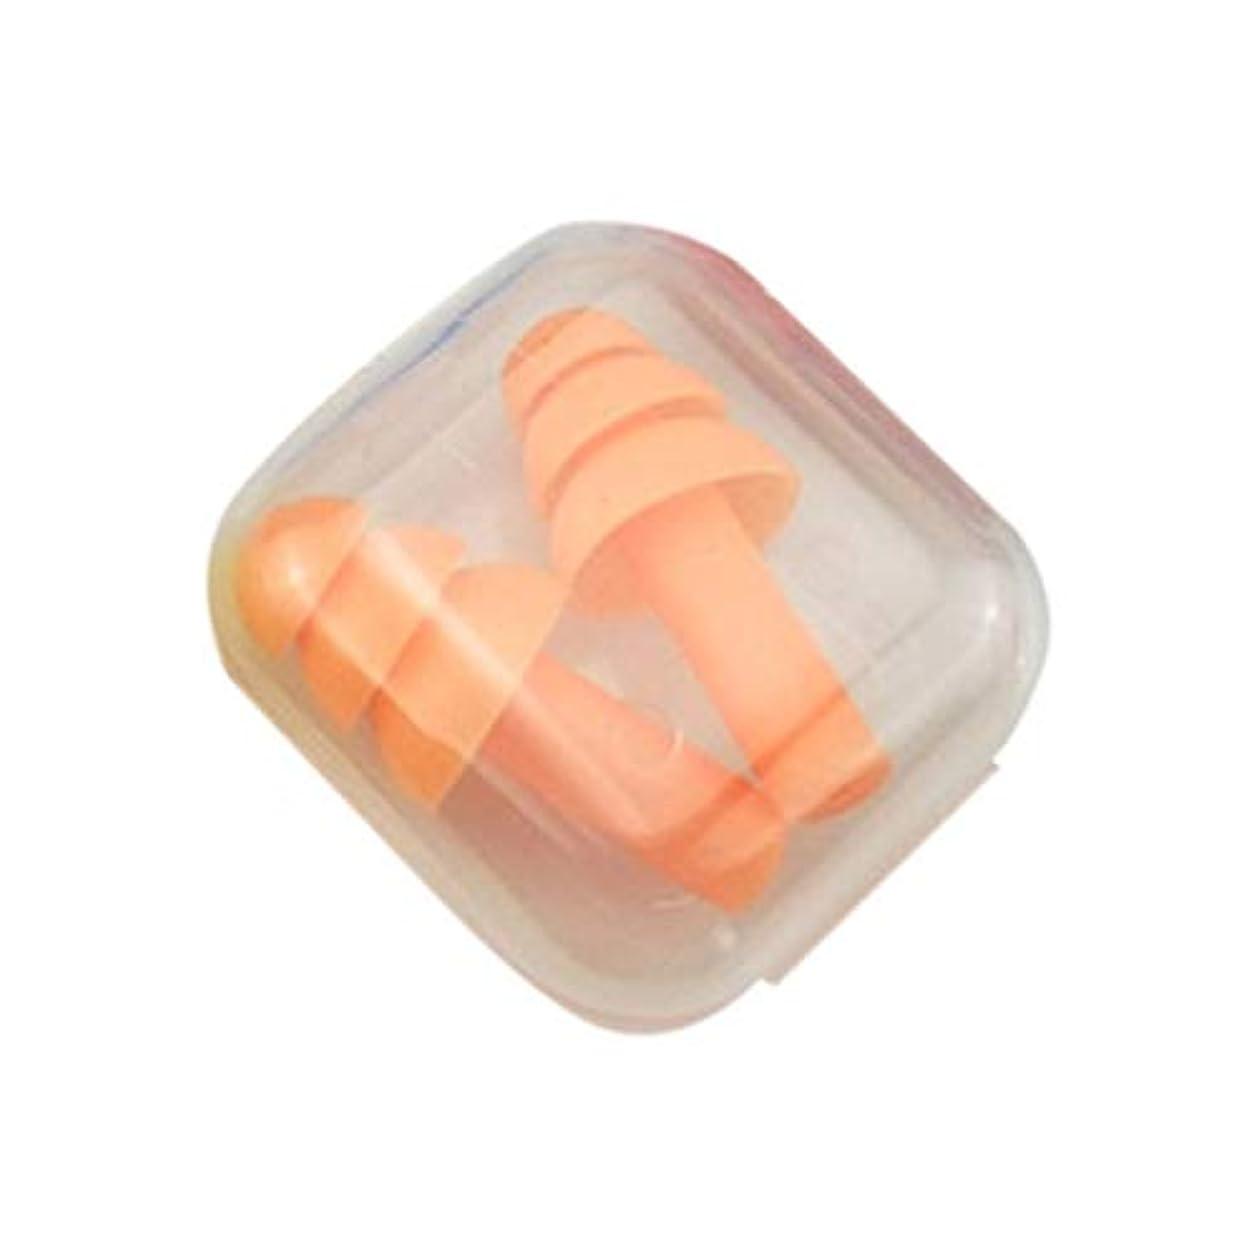 ブランド名分析的な事実上柔らかいシリコーンの耳栓遮音用耳の保護用の耳栓防音睡眠ボックス付き収納ボックス - オレンジ